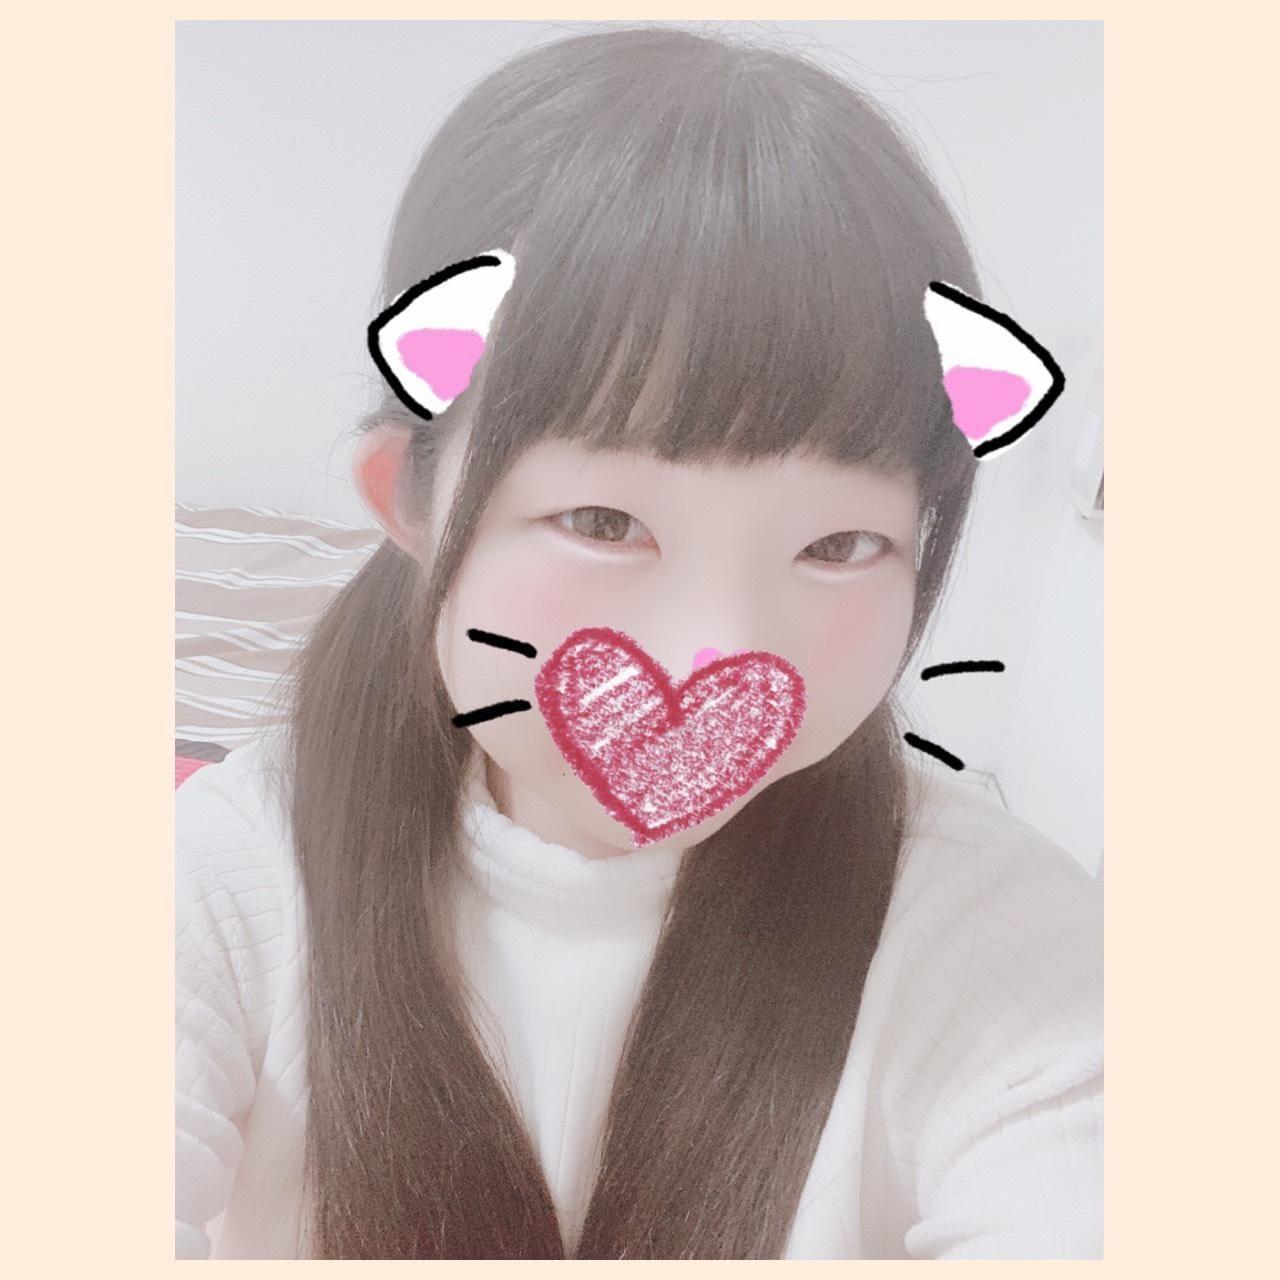 「はじめまして」02/27(02/27) 21:14 | 葵の写メ・風俗動画